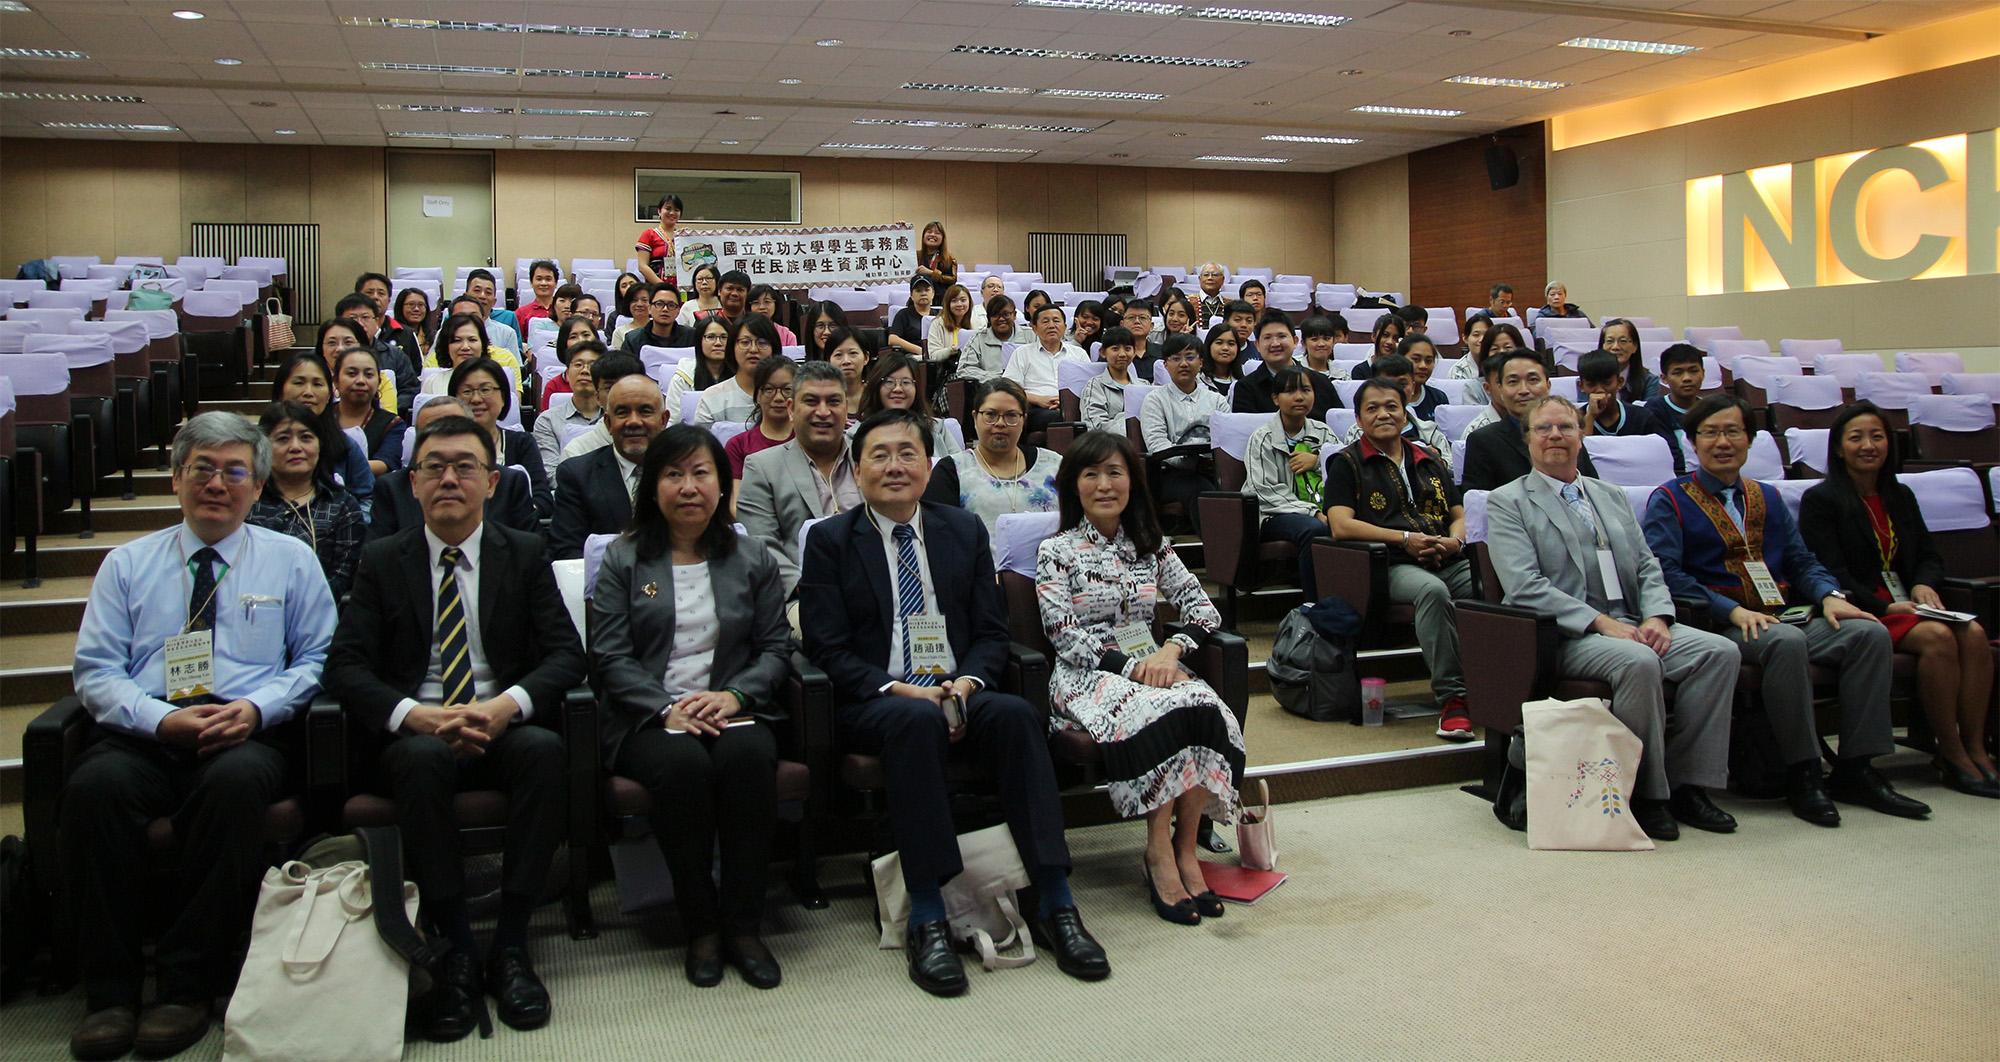 看見多元文化締造族群友善校園 成大舉辦台灣原住民族與南島語族高峰會-成大